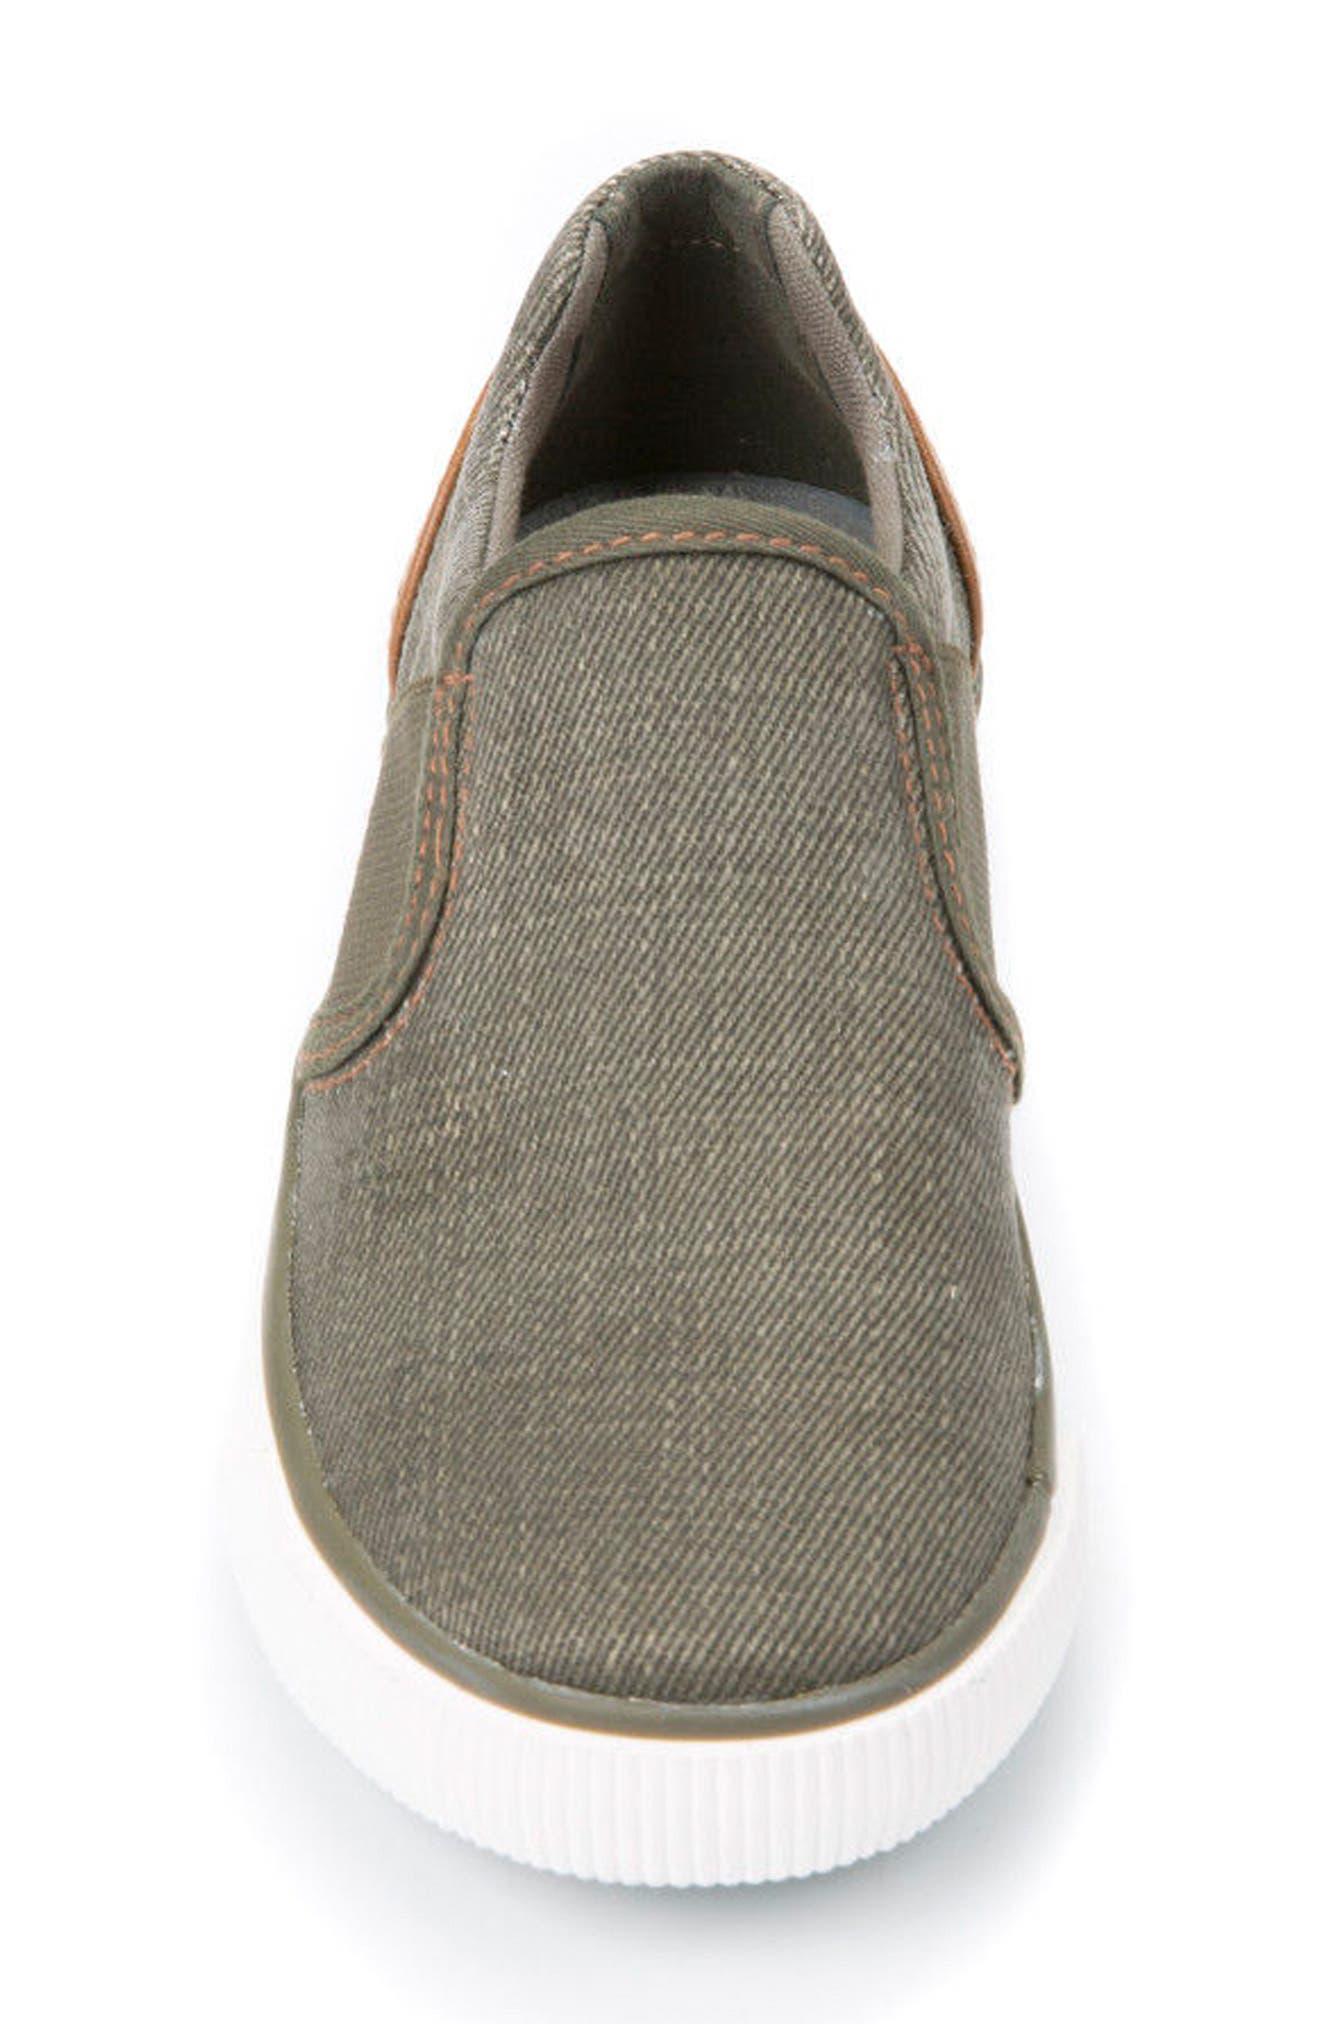 Kilwi Slip-On Sneaker,                             Alternate thumbnail 4, color,                             Military/ Light Brown